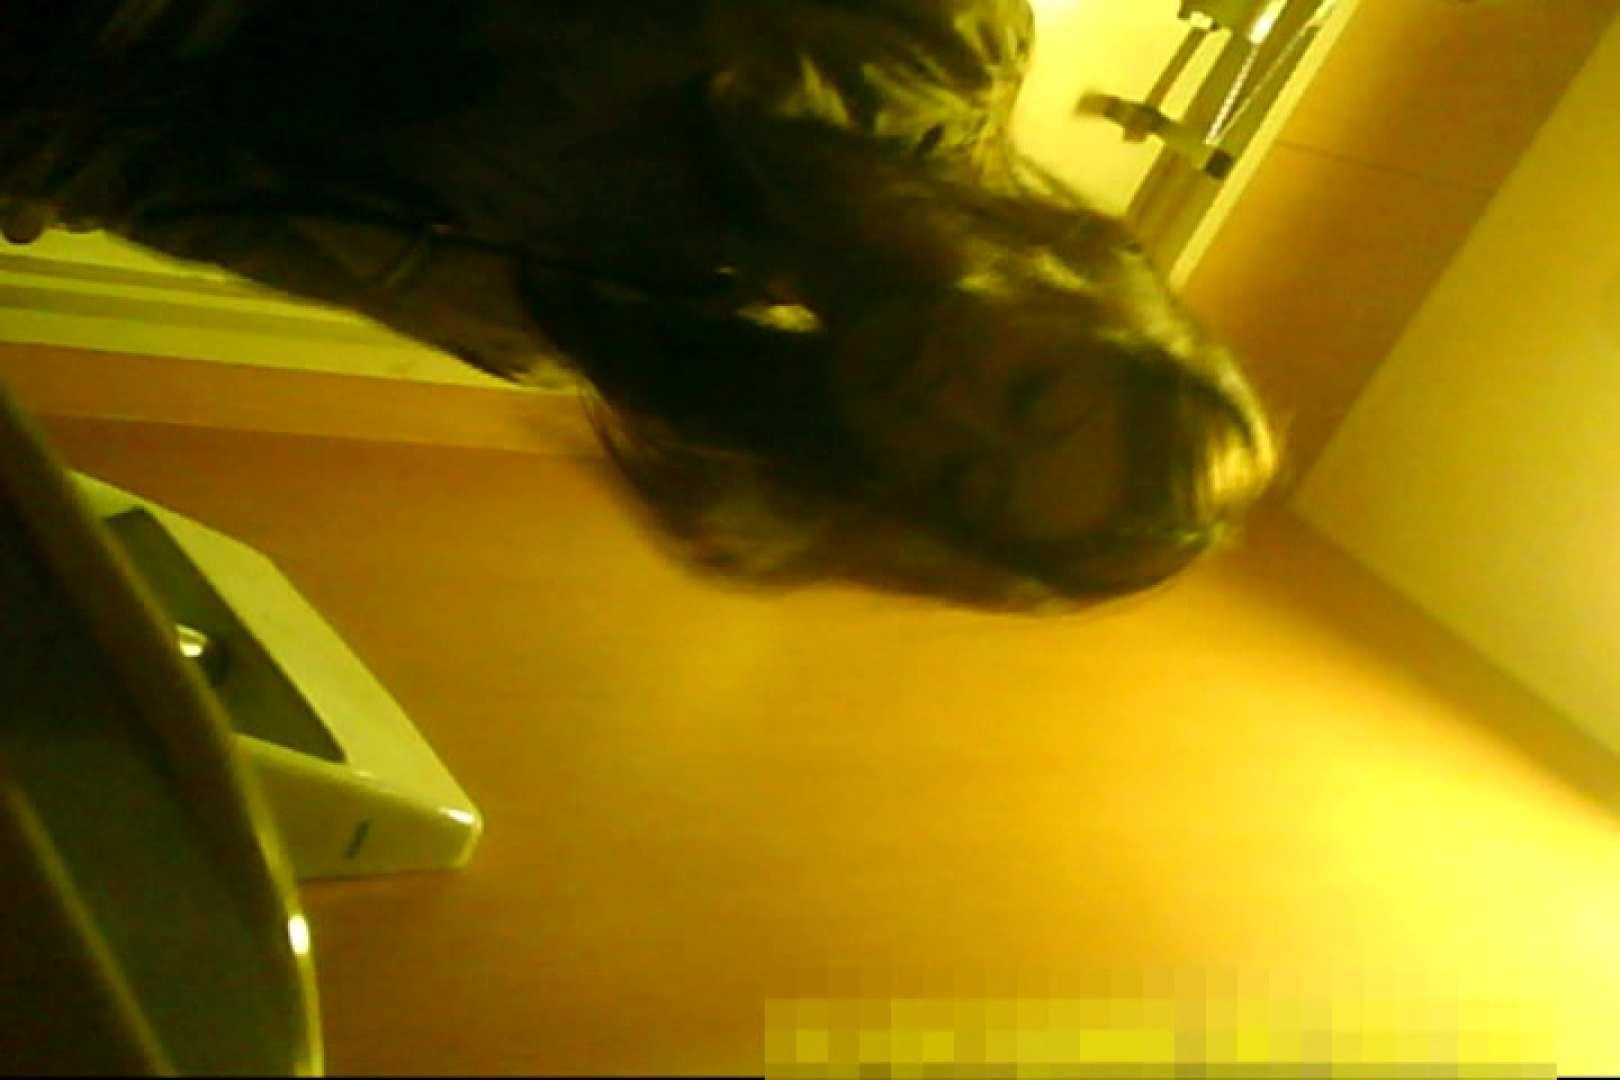 魅惑の化粧室~禁断のプライベート空間~19 すけべなお姉さん AV動画キャプチャ 84画像 80